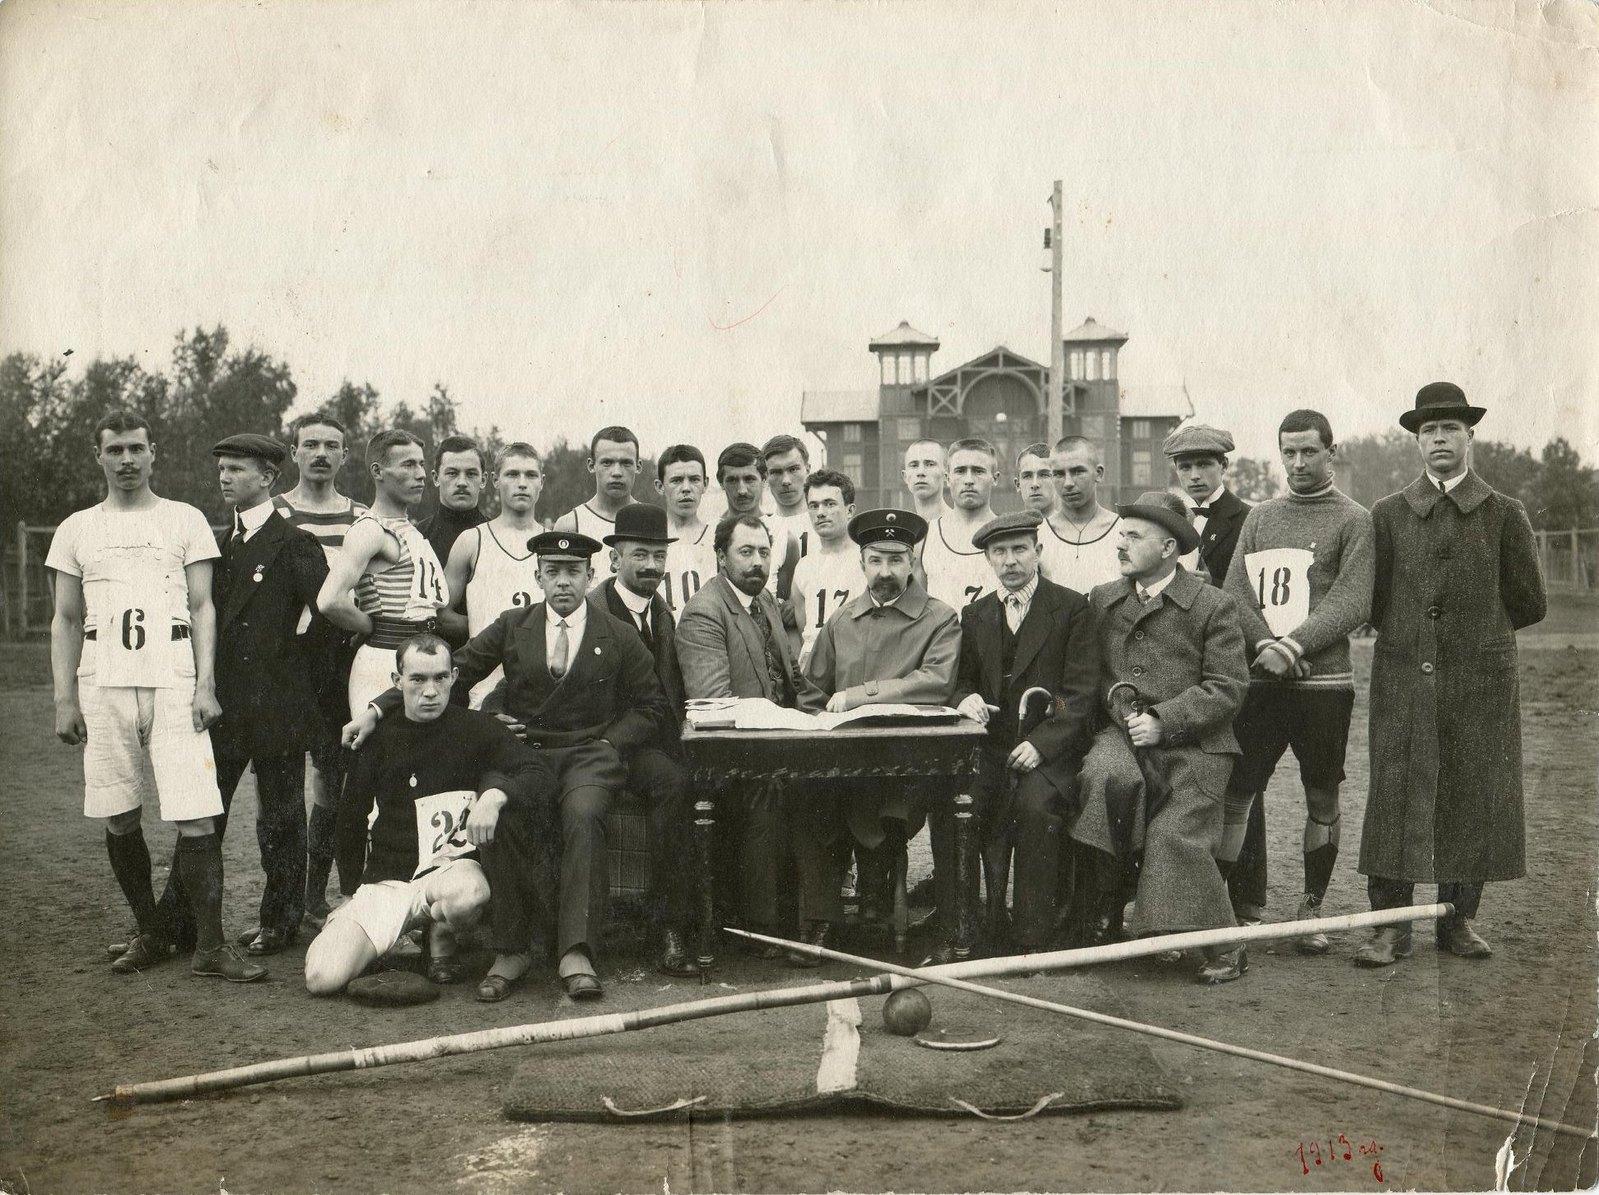 1913. Футбольная команда Коломенского гимнастического общества и футболисты из Раменского